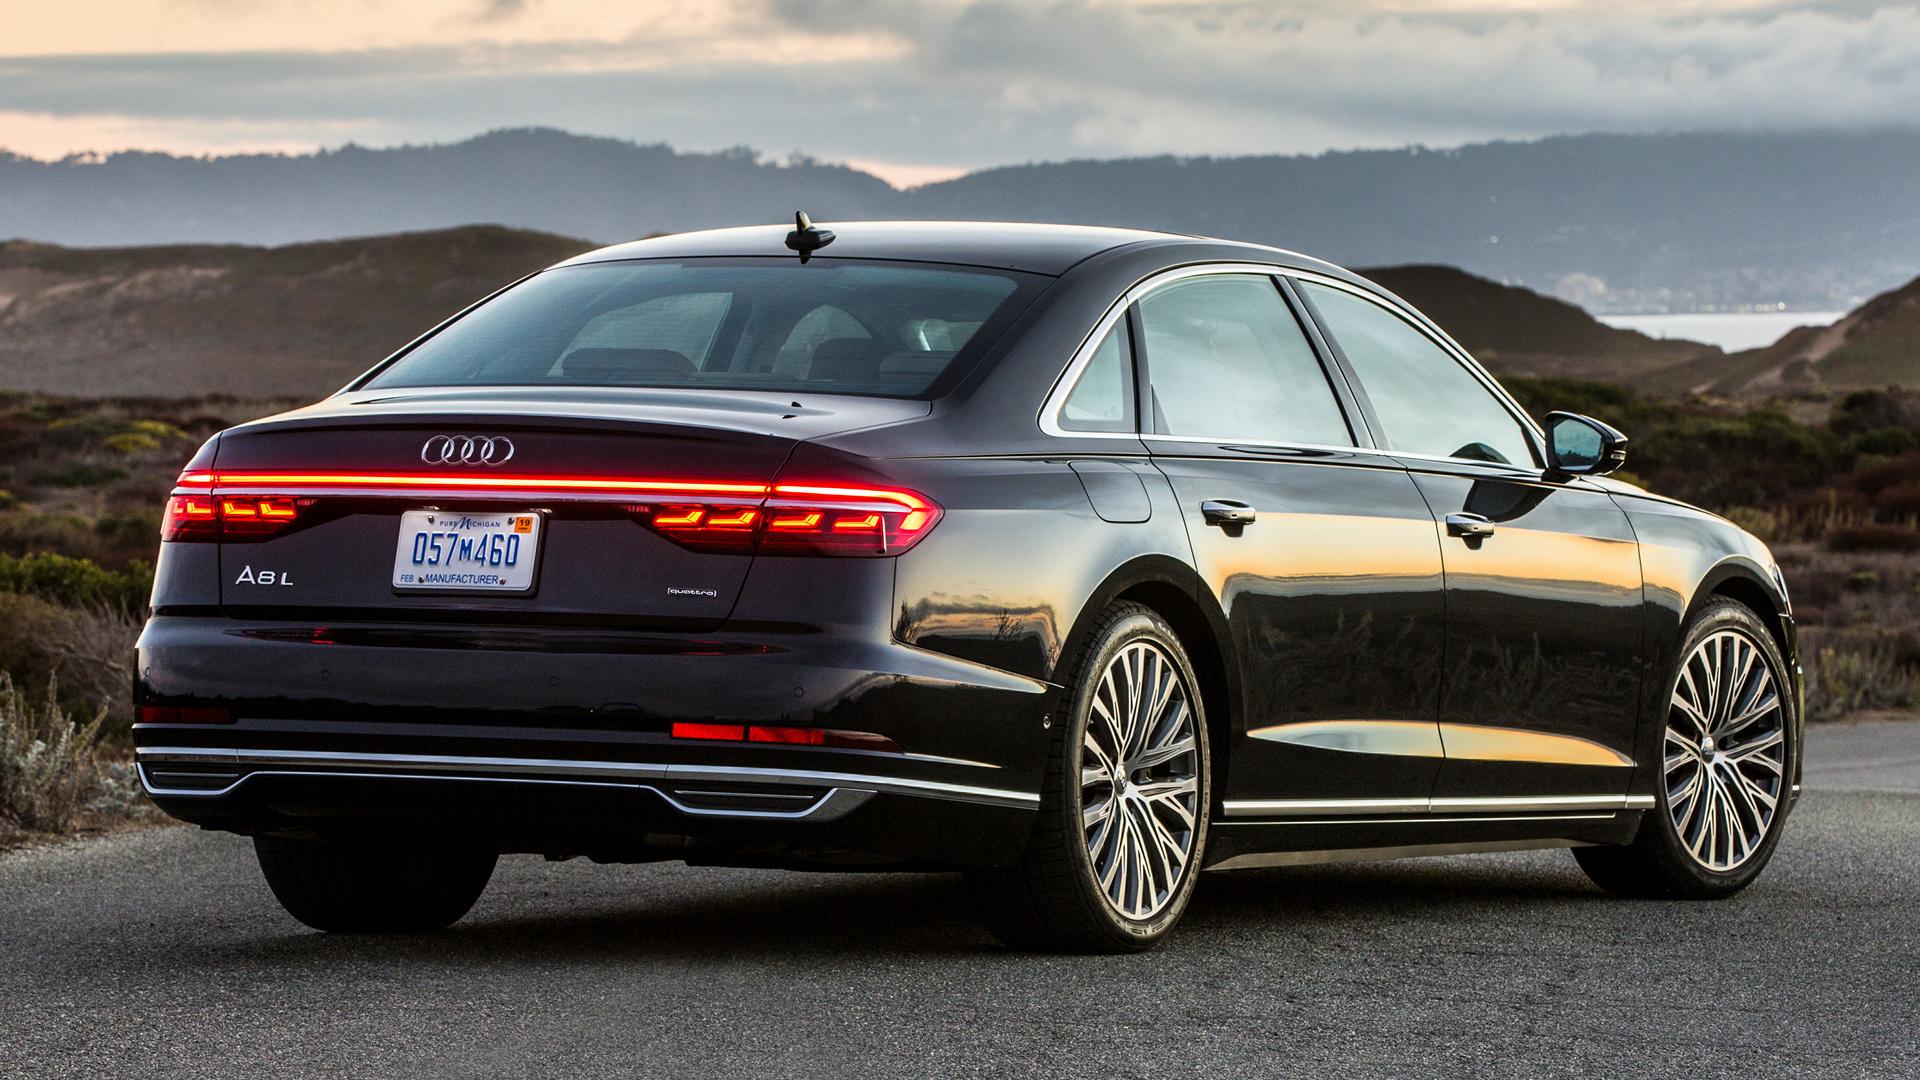 2019 Audi A8 L HD Wallpaper Background Image 1920x1080 ID 1920x1080